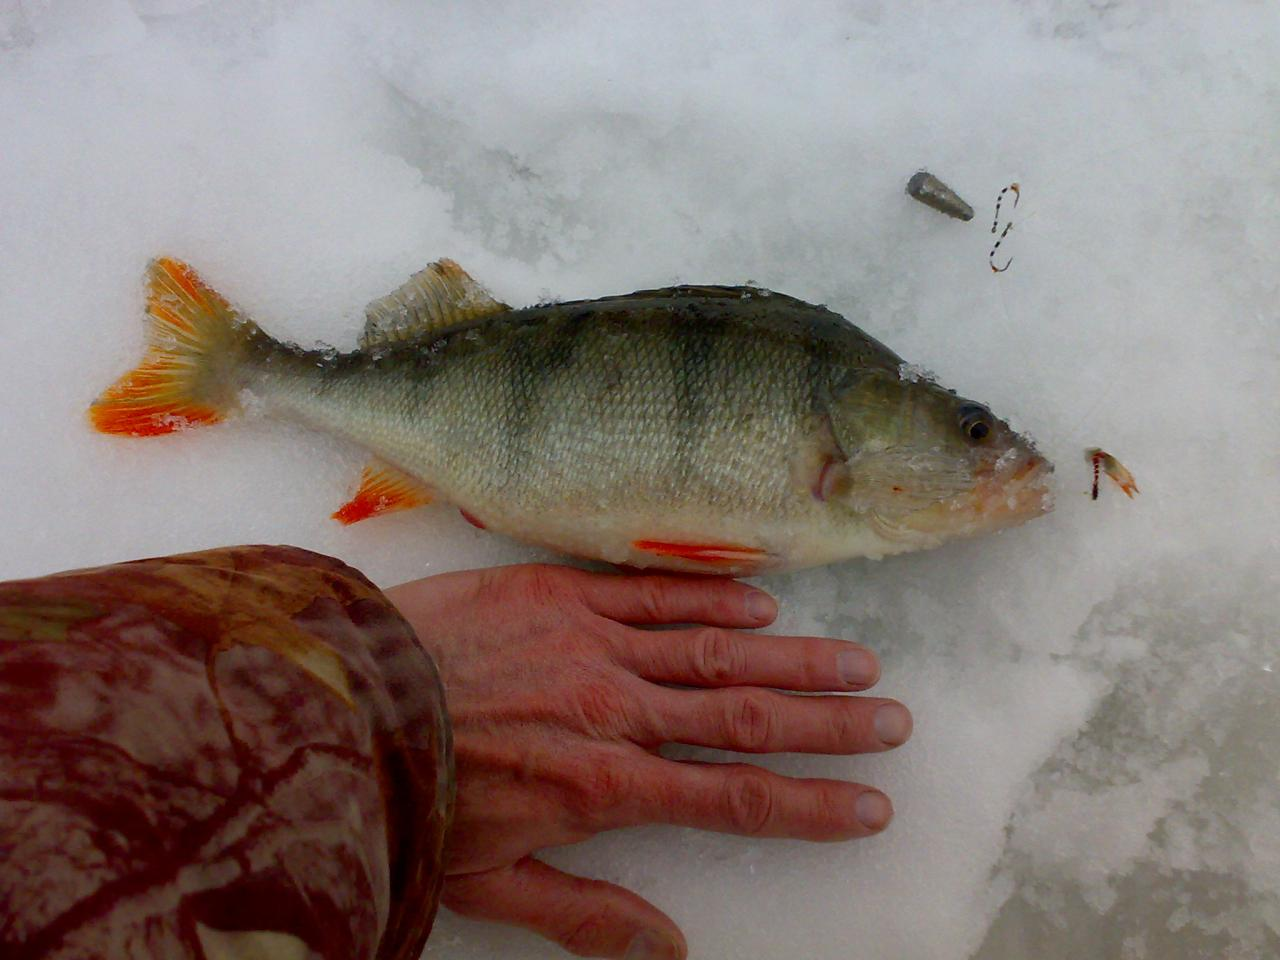 Очень краткоХоть с потугами, но поддаётся потихонечку Вилеечка ...   Отчеты о рыбалке в Беларуси